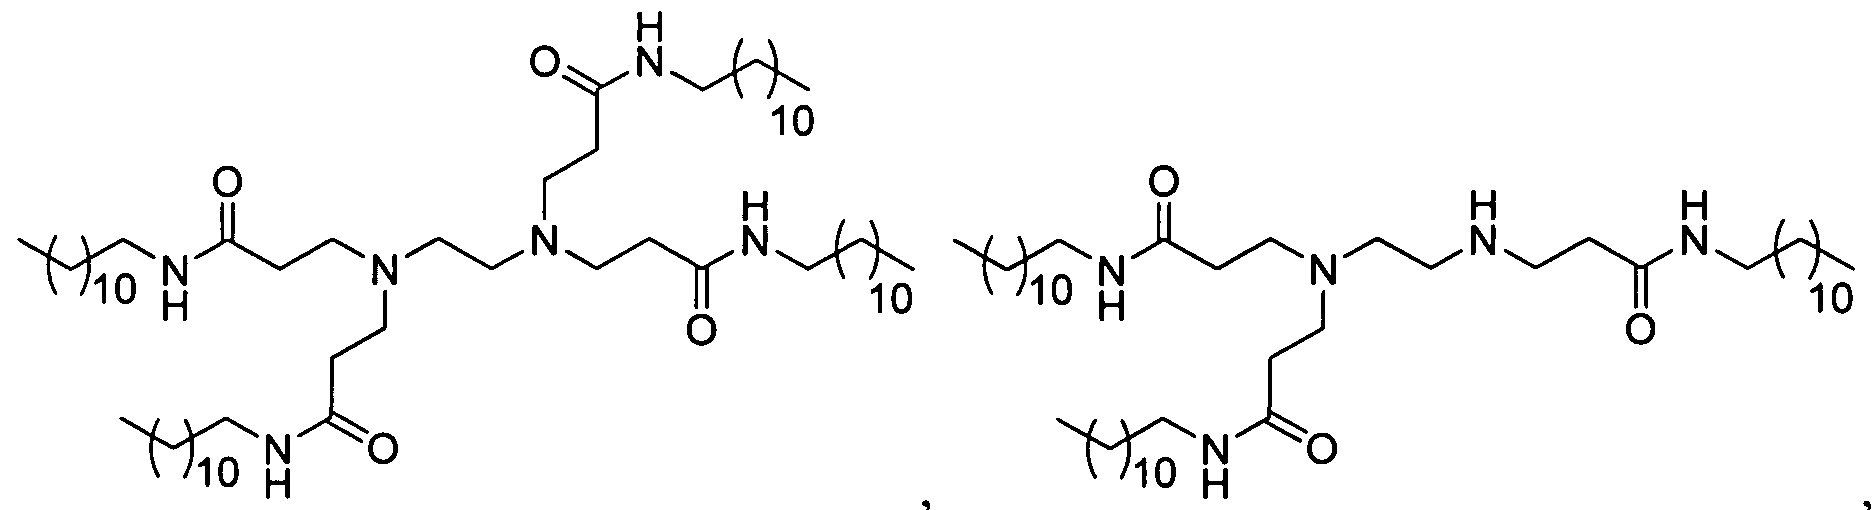 Figure imgf000105_0003